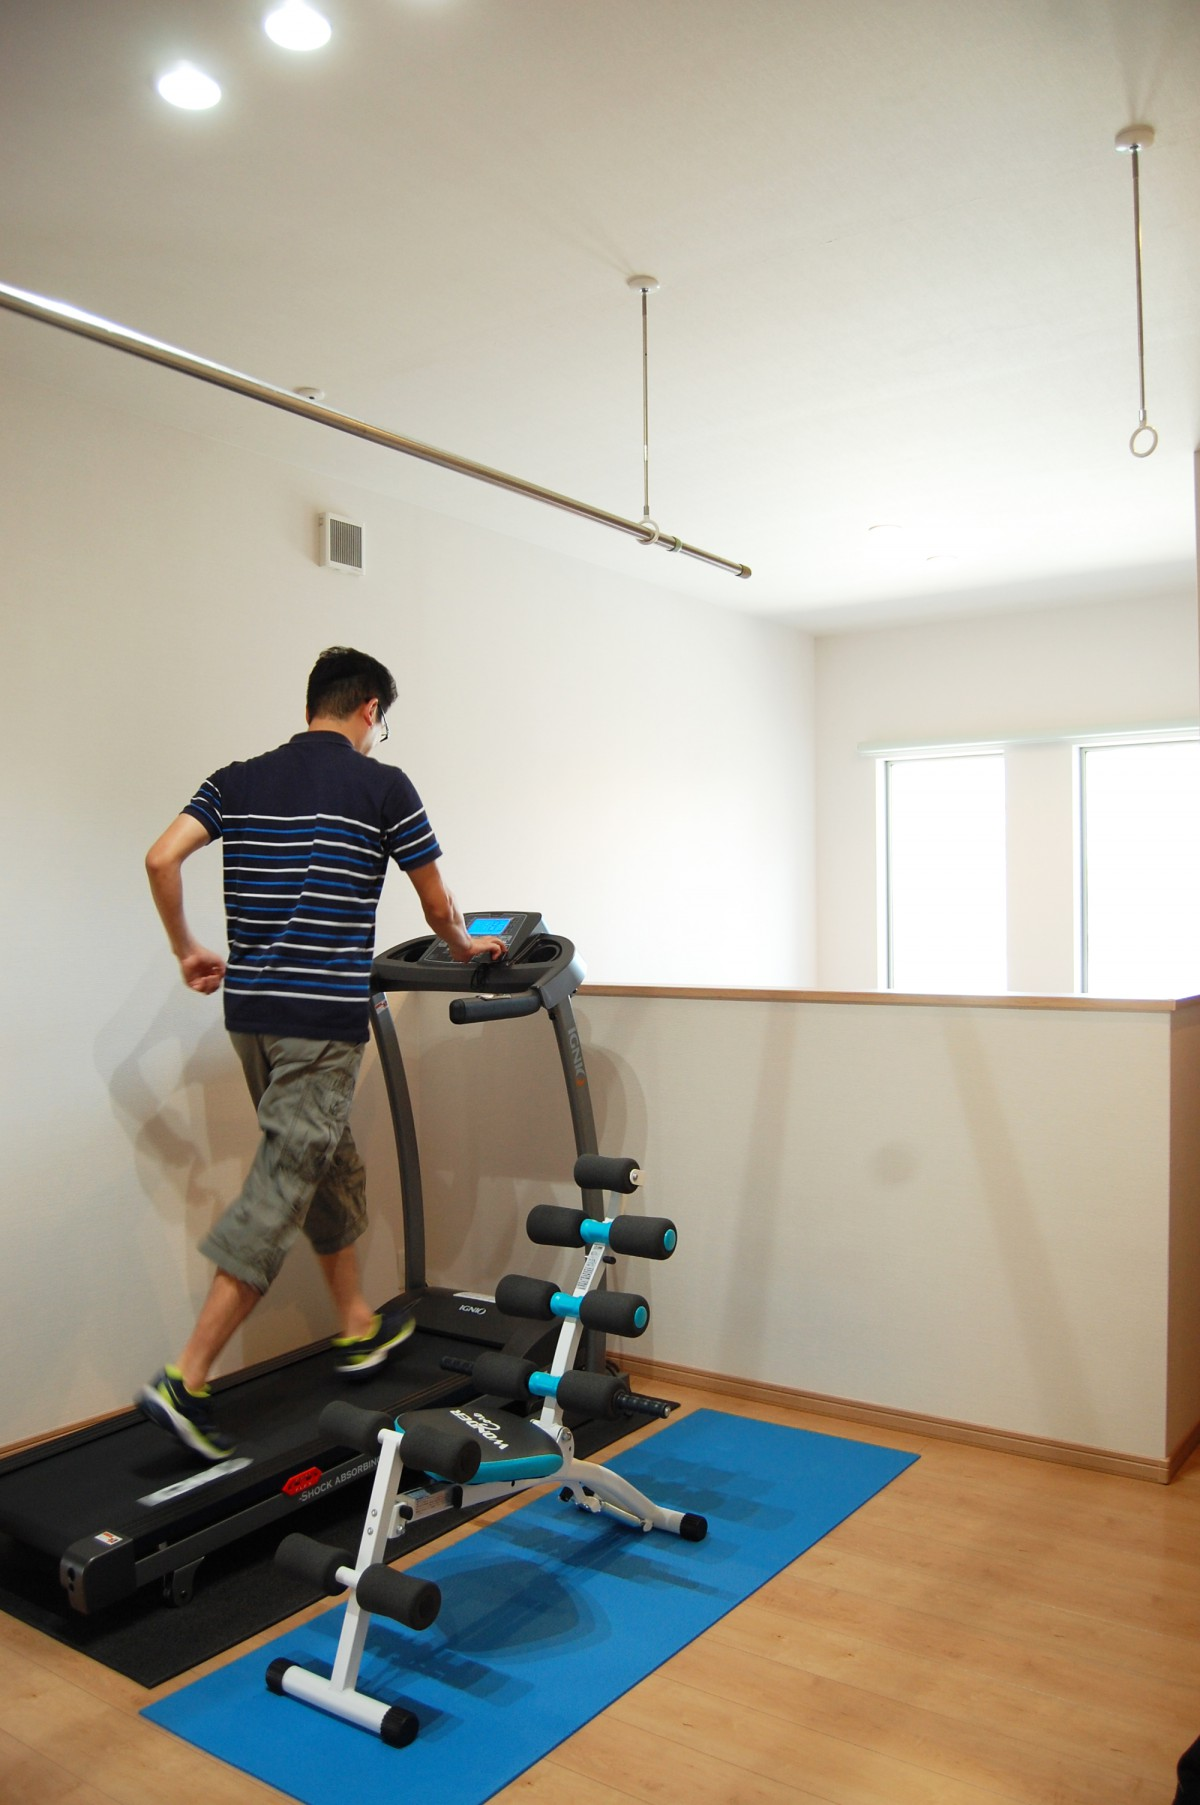 トレーニングができる2階共有スペース。家族 が個室にこもらず一緒に過ごせるよう、考案